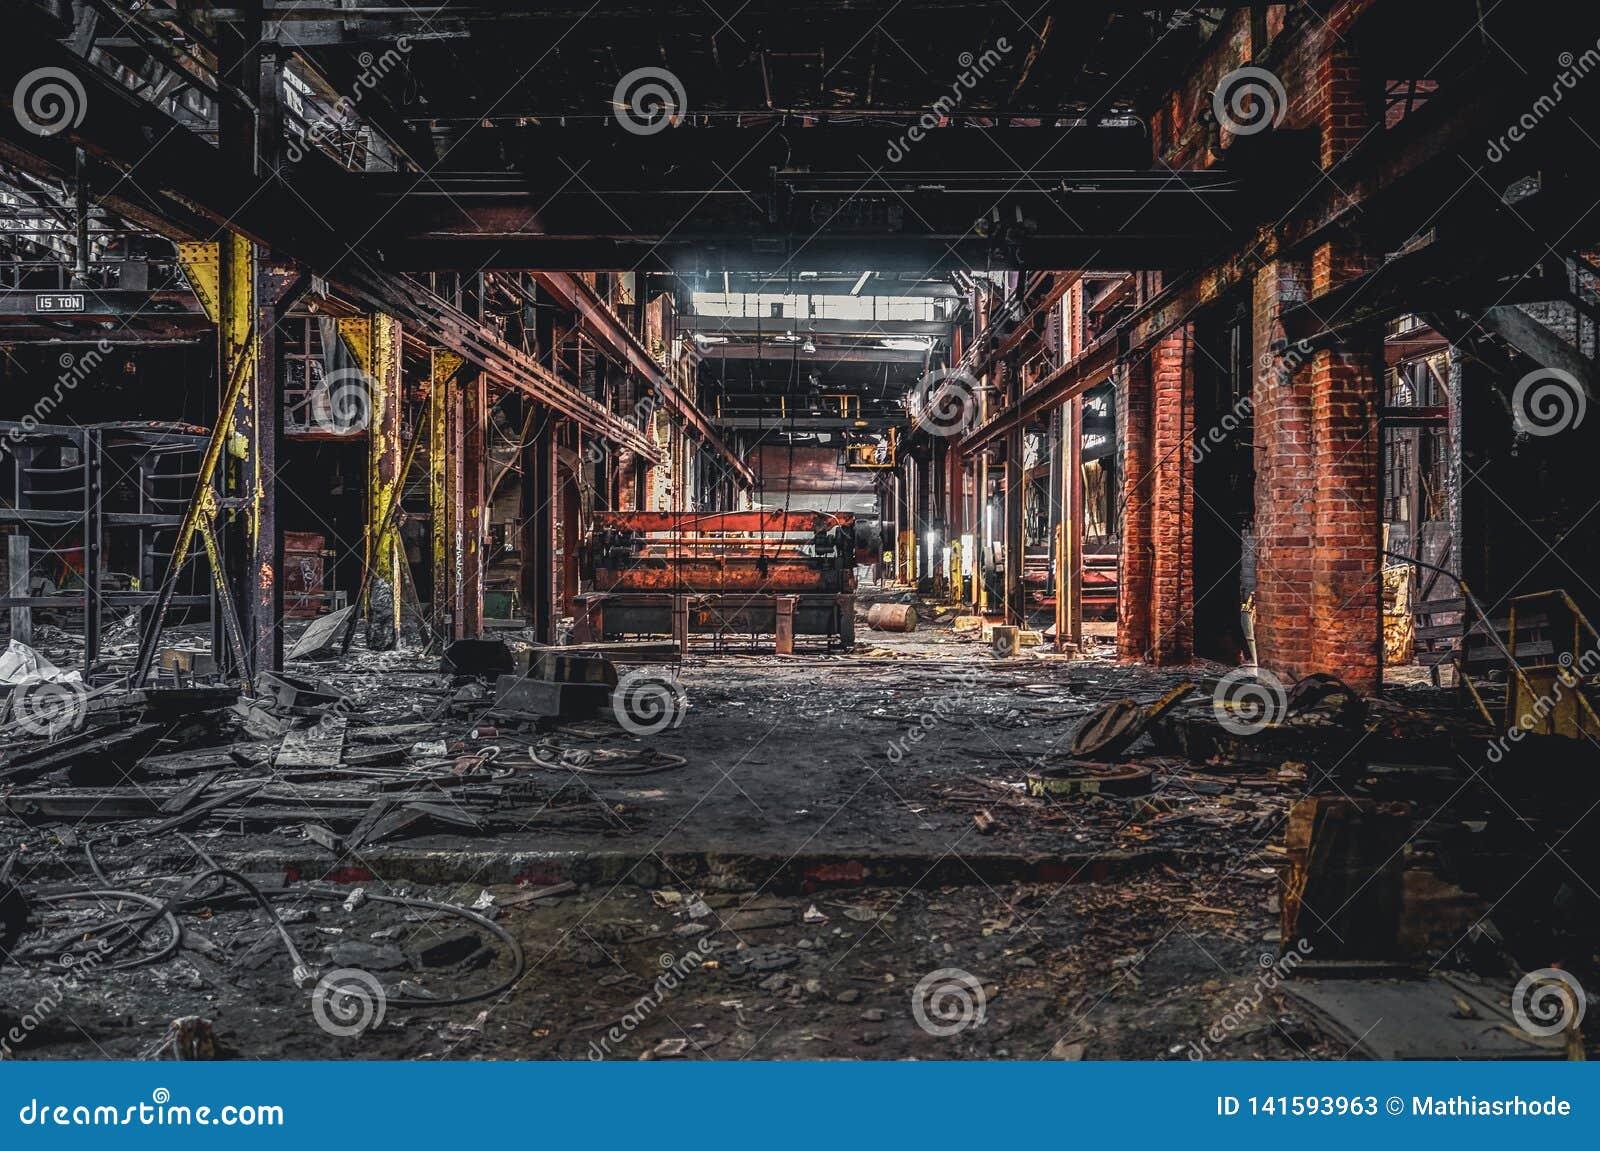 Detroit, Michigan, Stati Uniti - 18 ottobre 2018: Punto di vista di Gray Iron Factory abbandonato a Detroit Detroit grigia